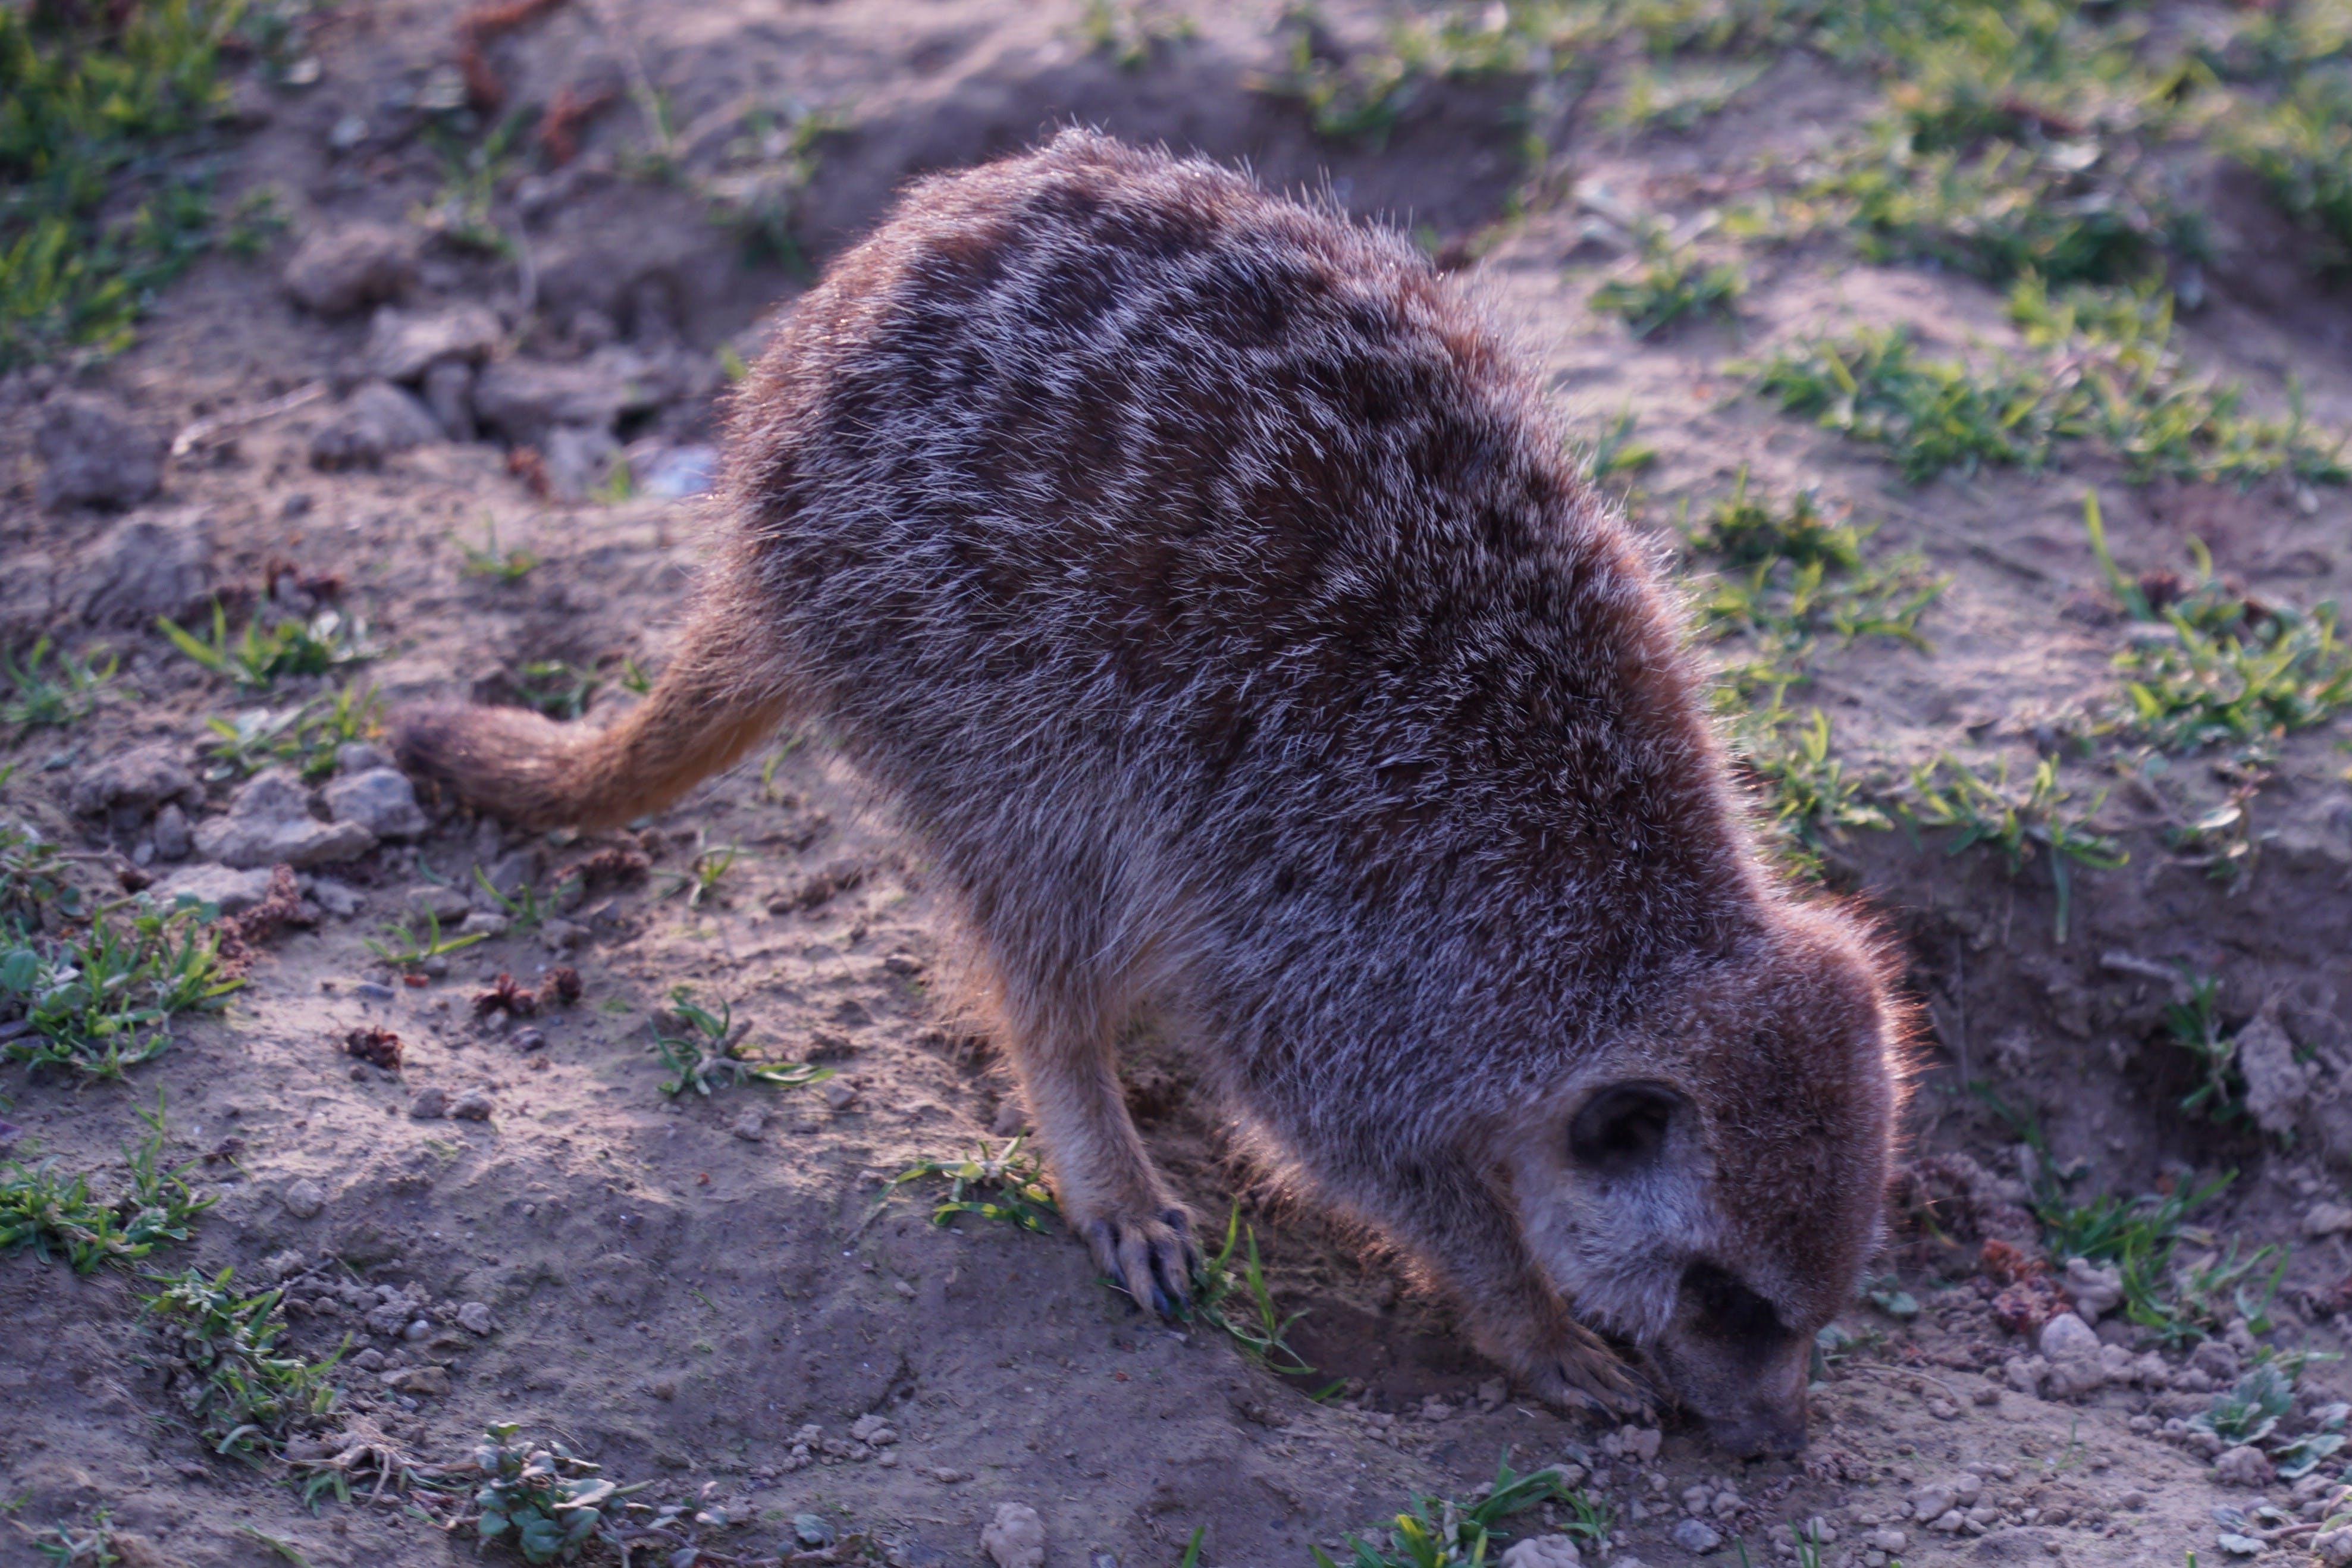 Free stock photo of animals, cute animals, meerkat, nature